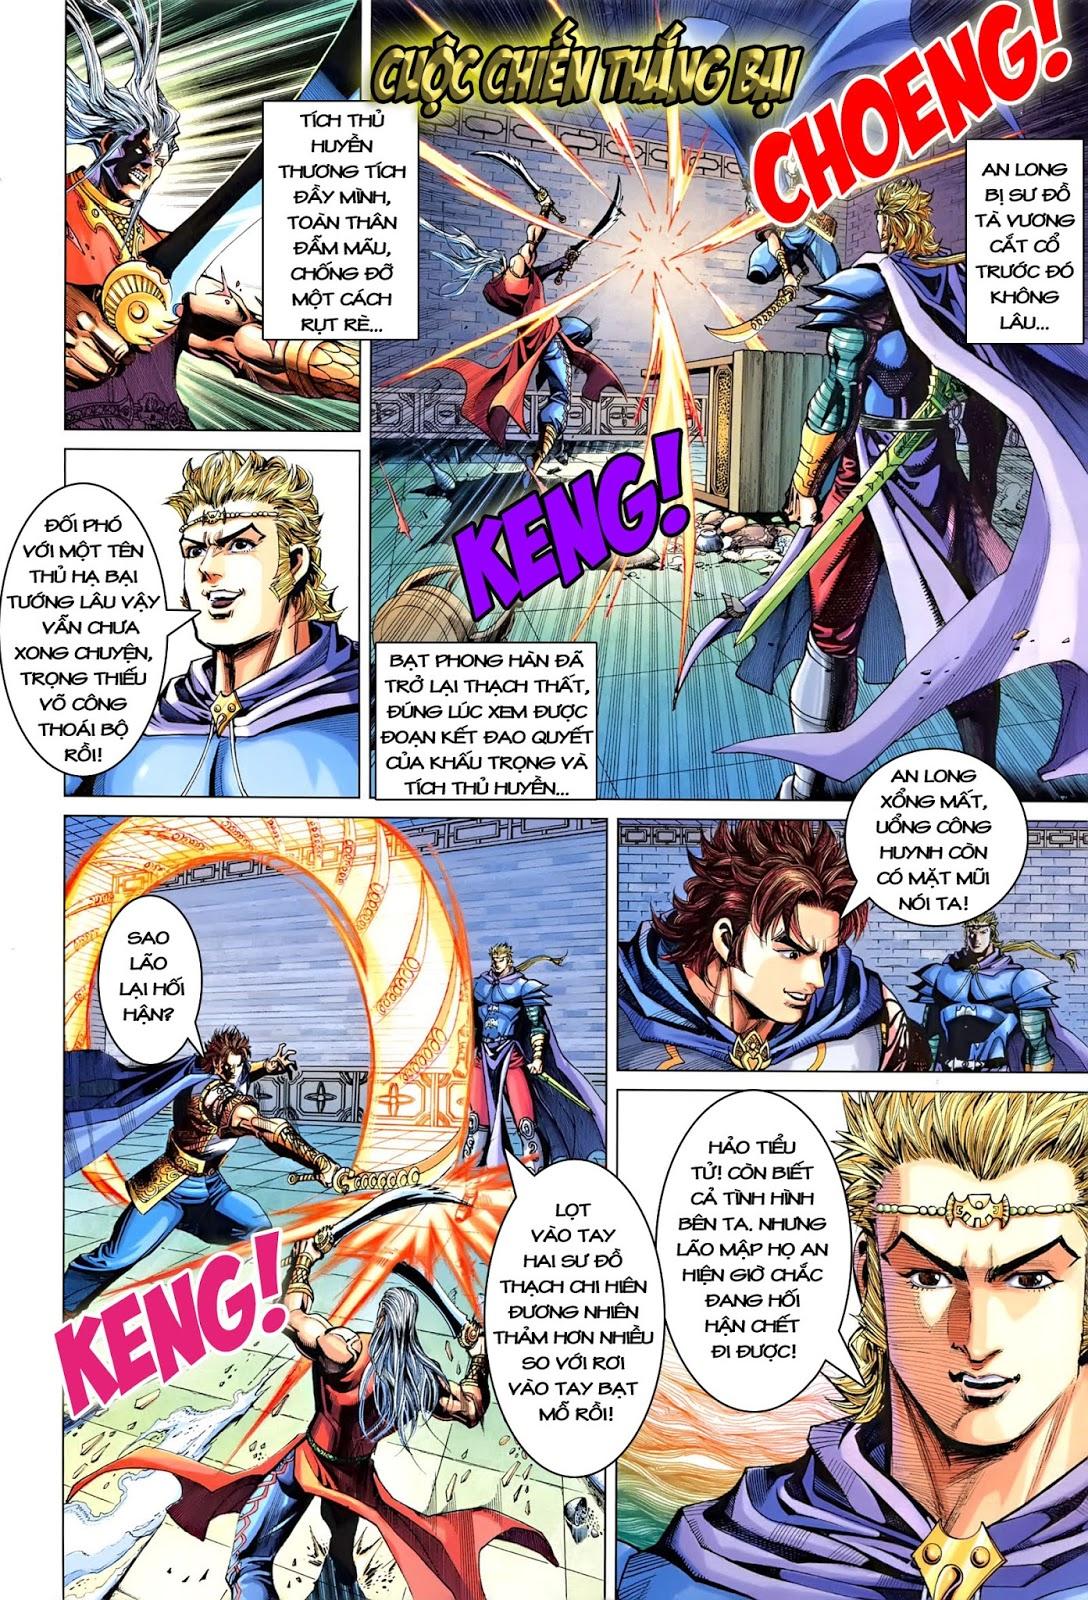 Đại Đường Song Long Truyện chap 218 - Trang 22